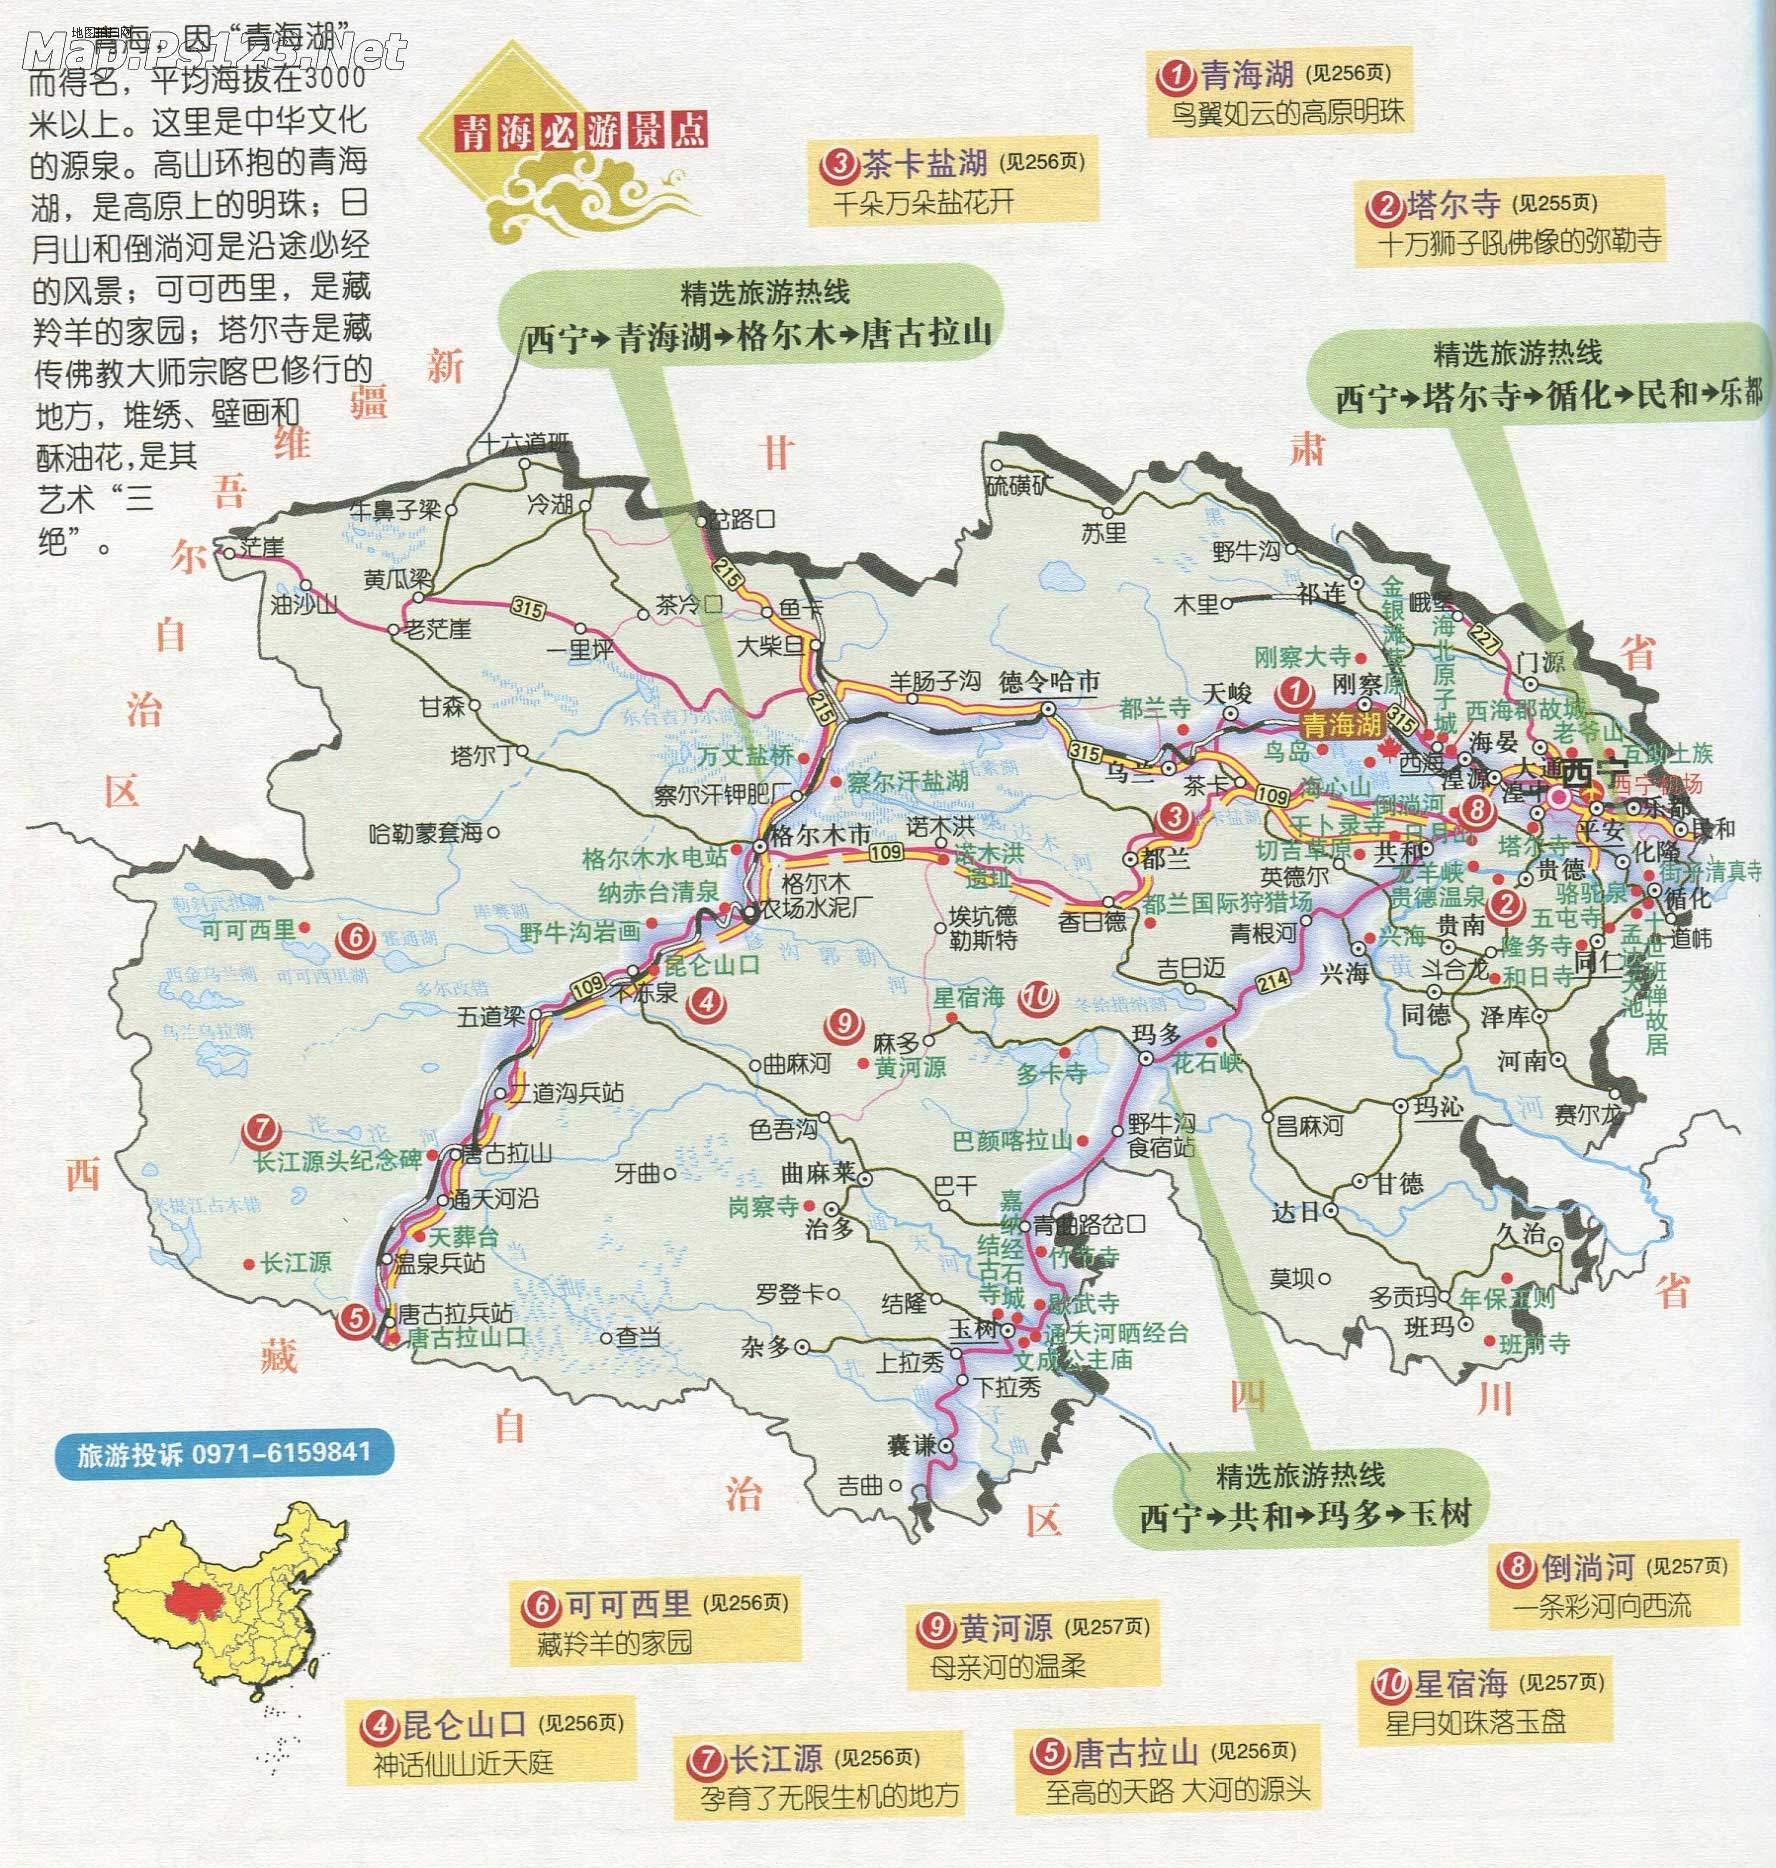 青海省旅游地图(必游景点)